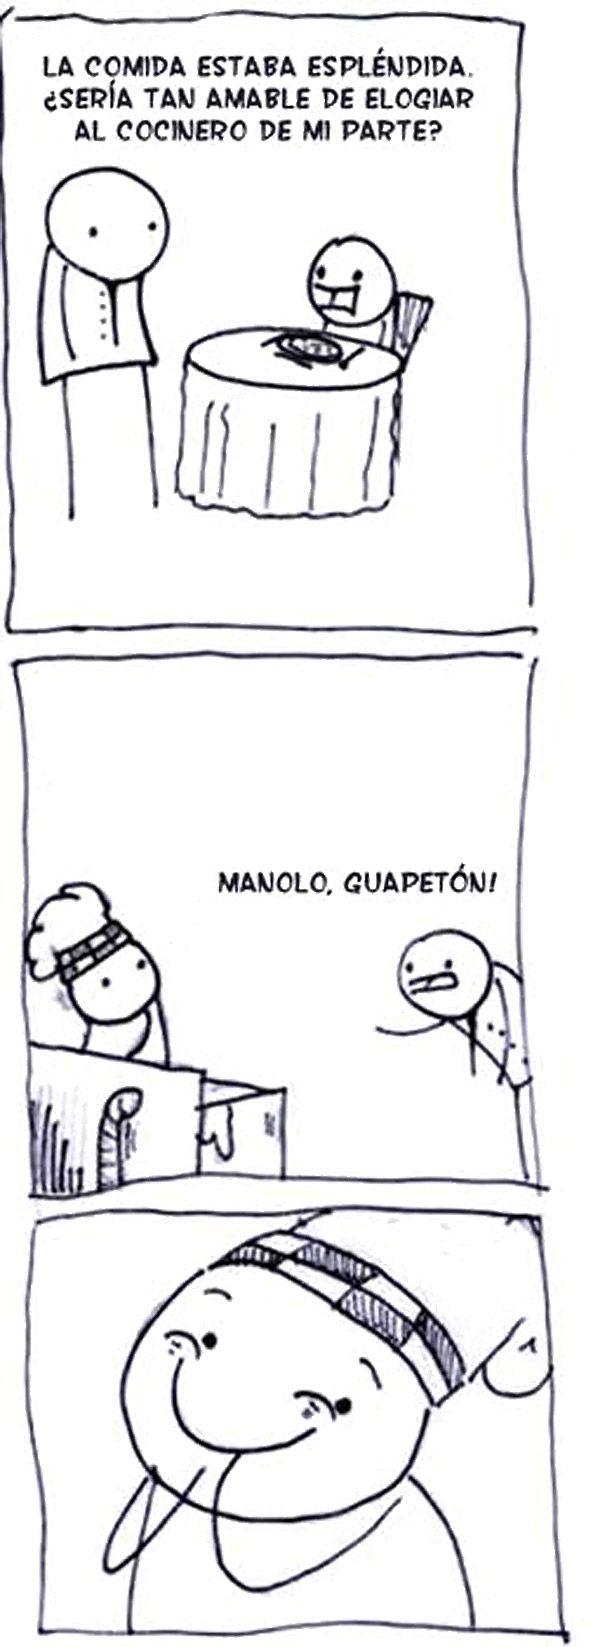 Elogiar Al Cocinero De Mi Parte Laugh Funny Funny Pictures